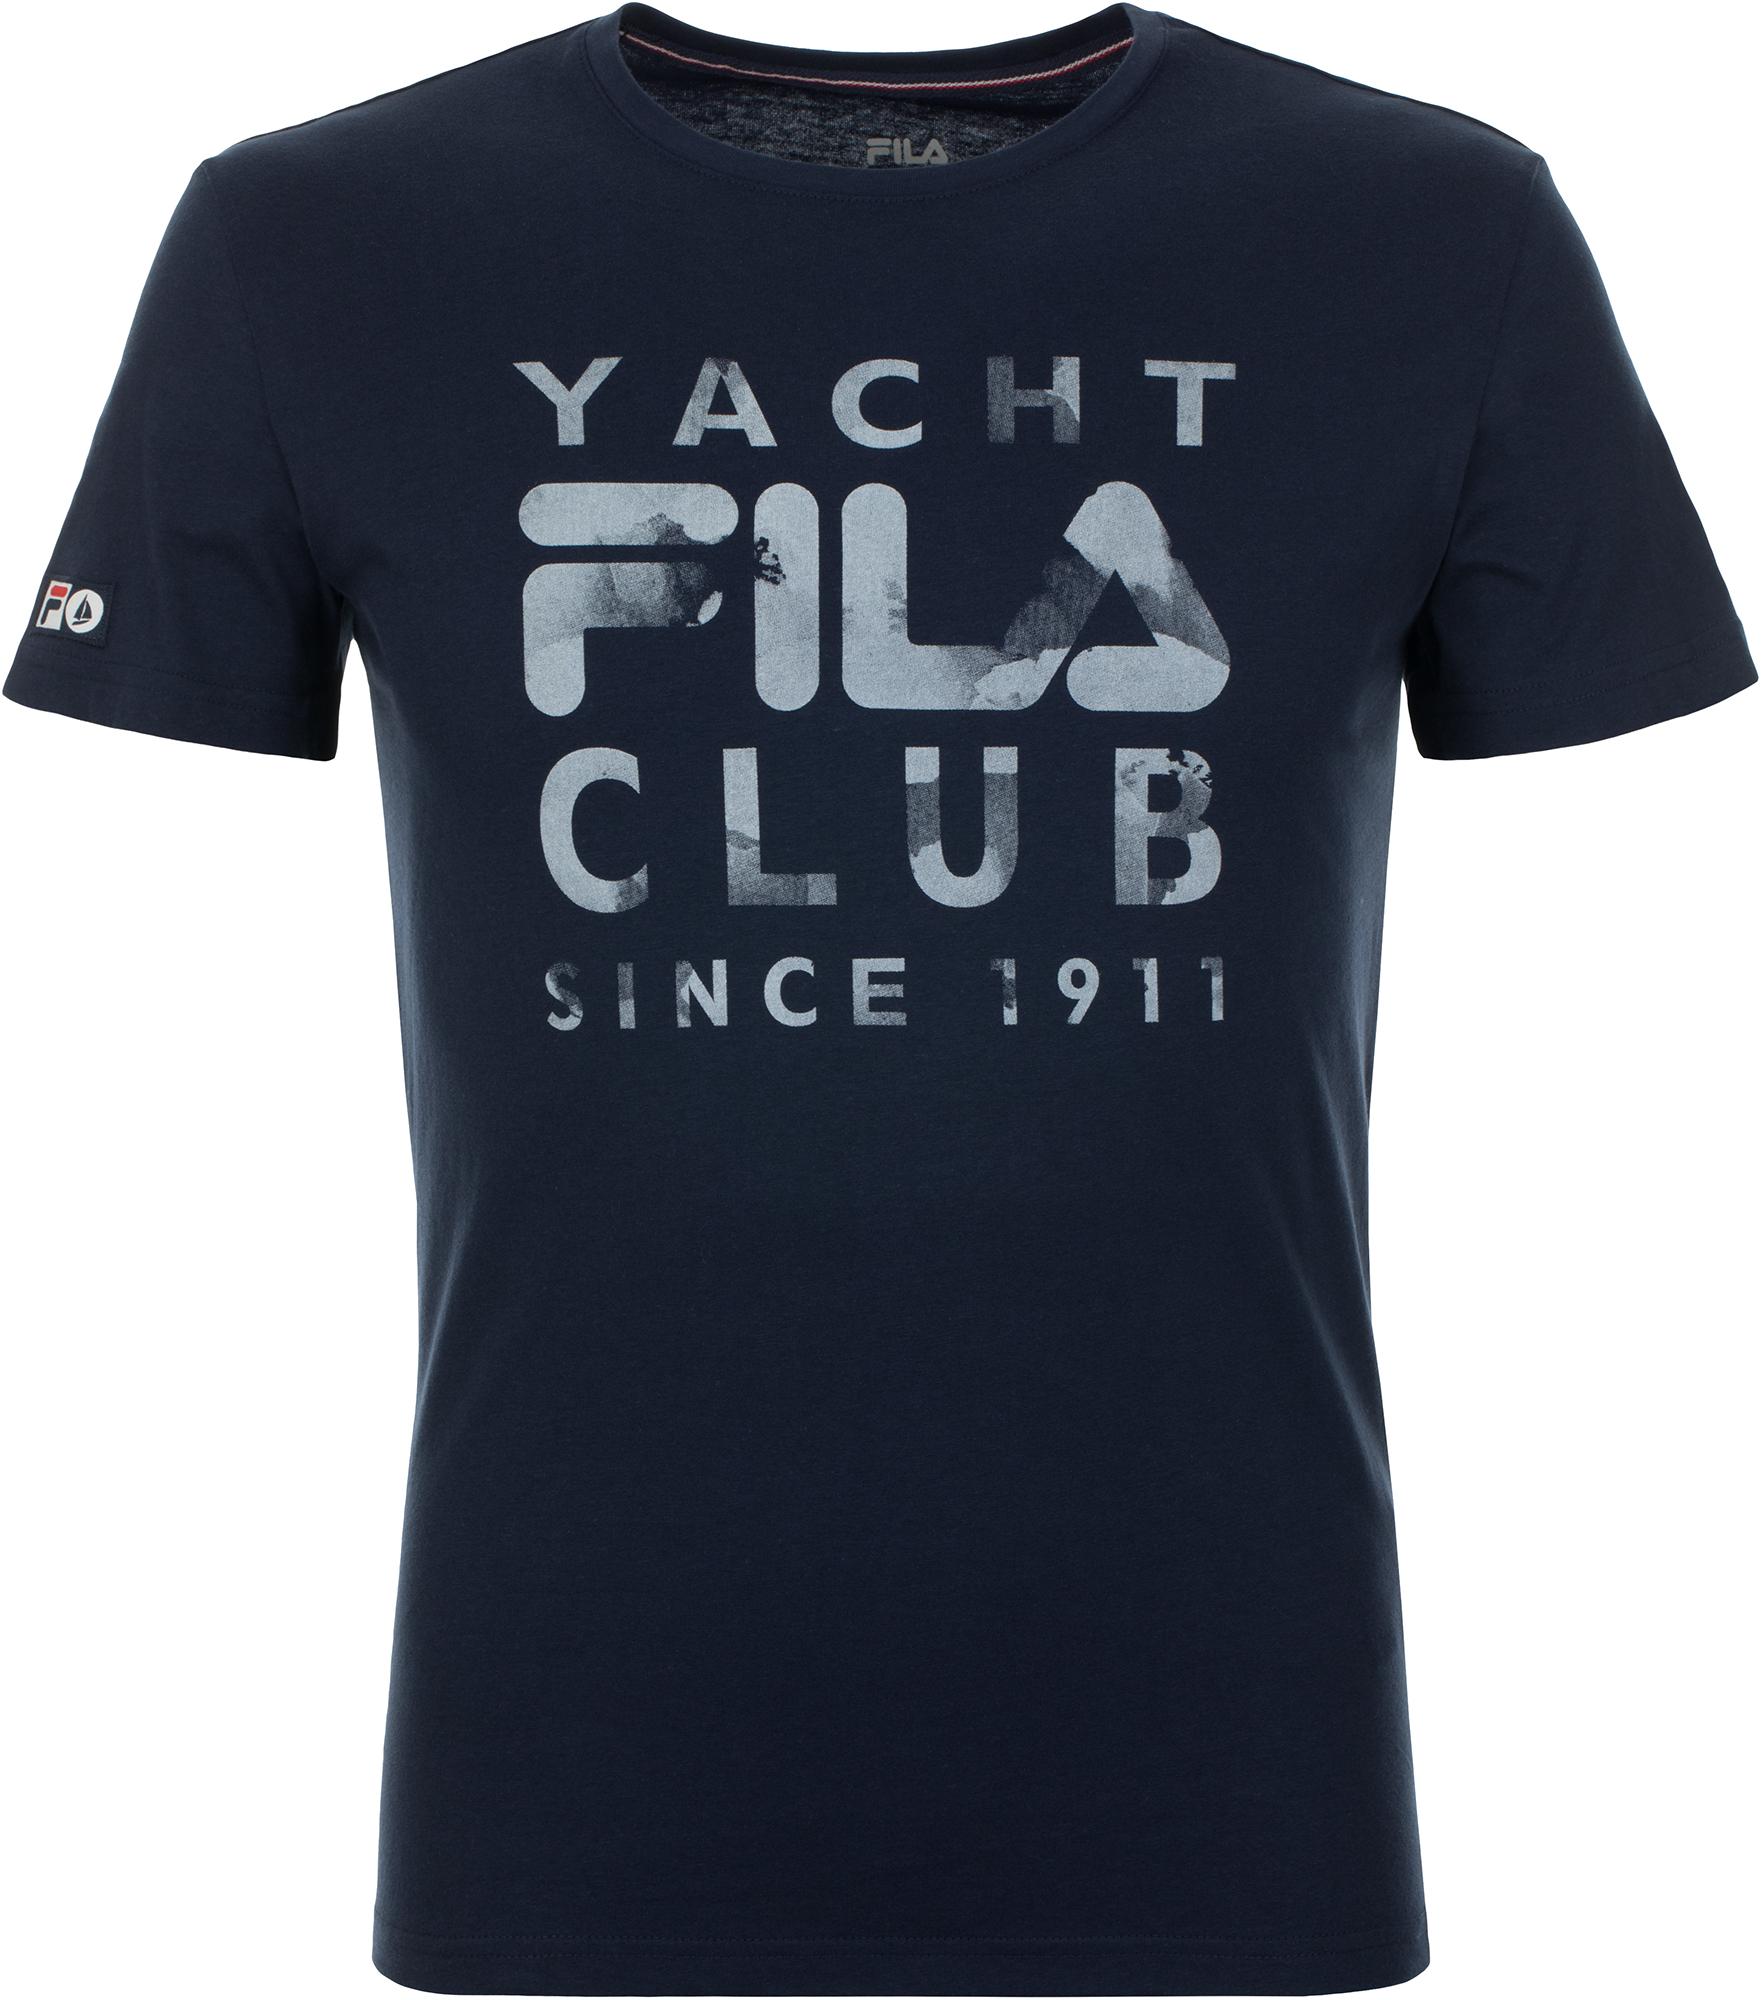 Fila Футболка мужская Fila, размер 54 куртка мужская fila цвет черный a19afljam07 99 размер m 48